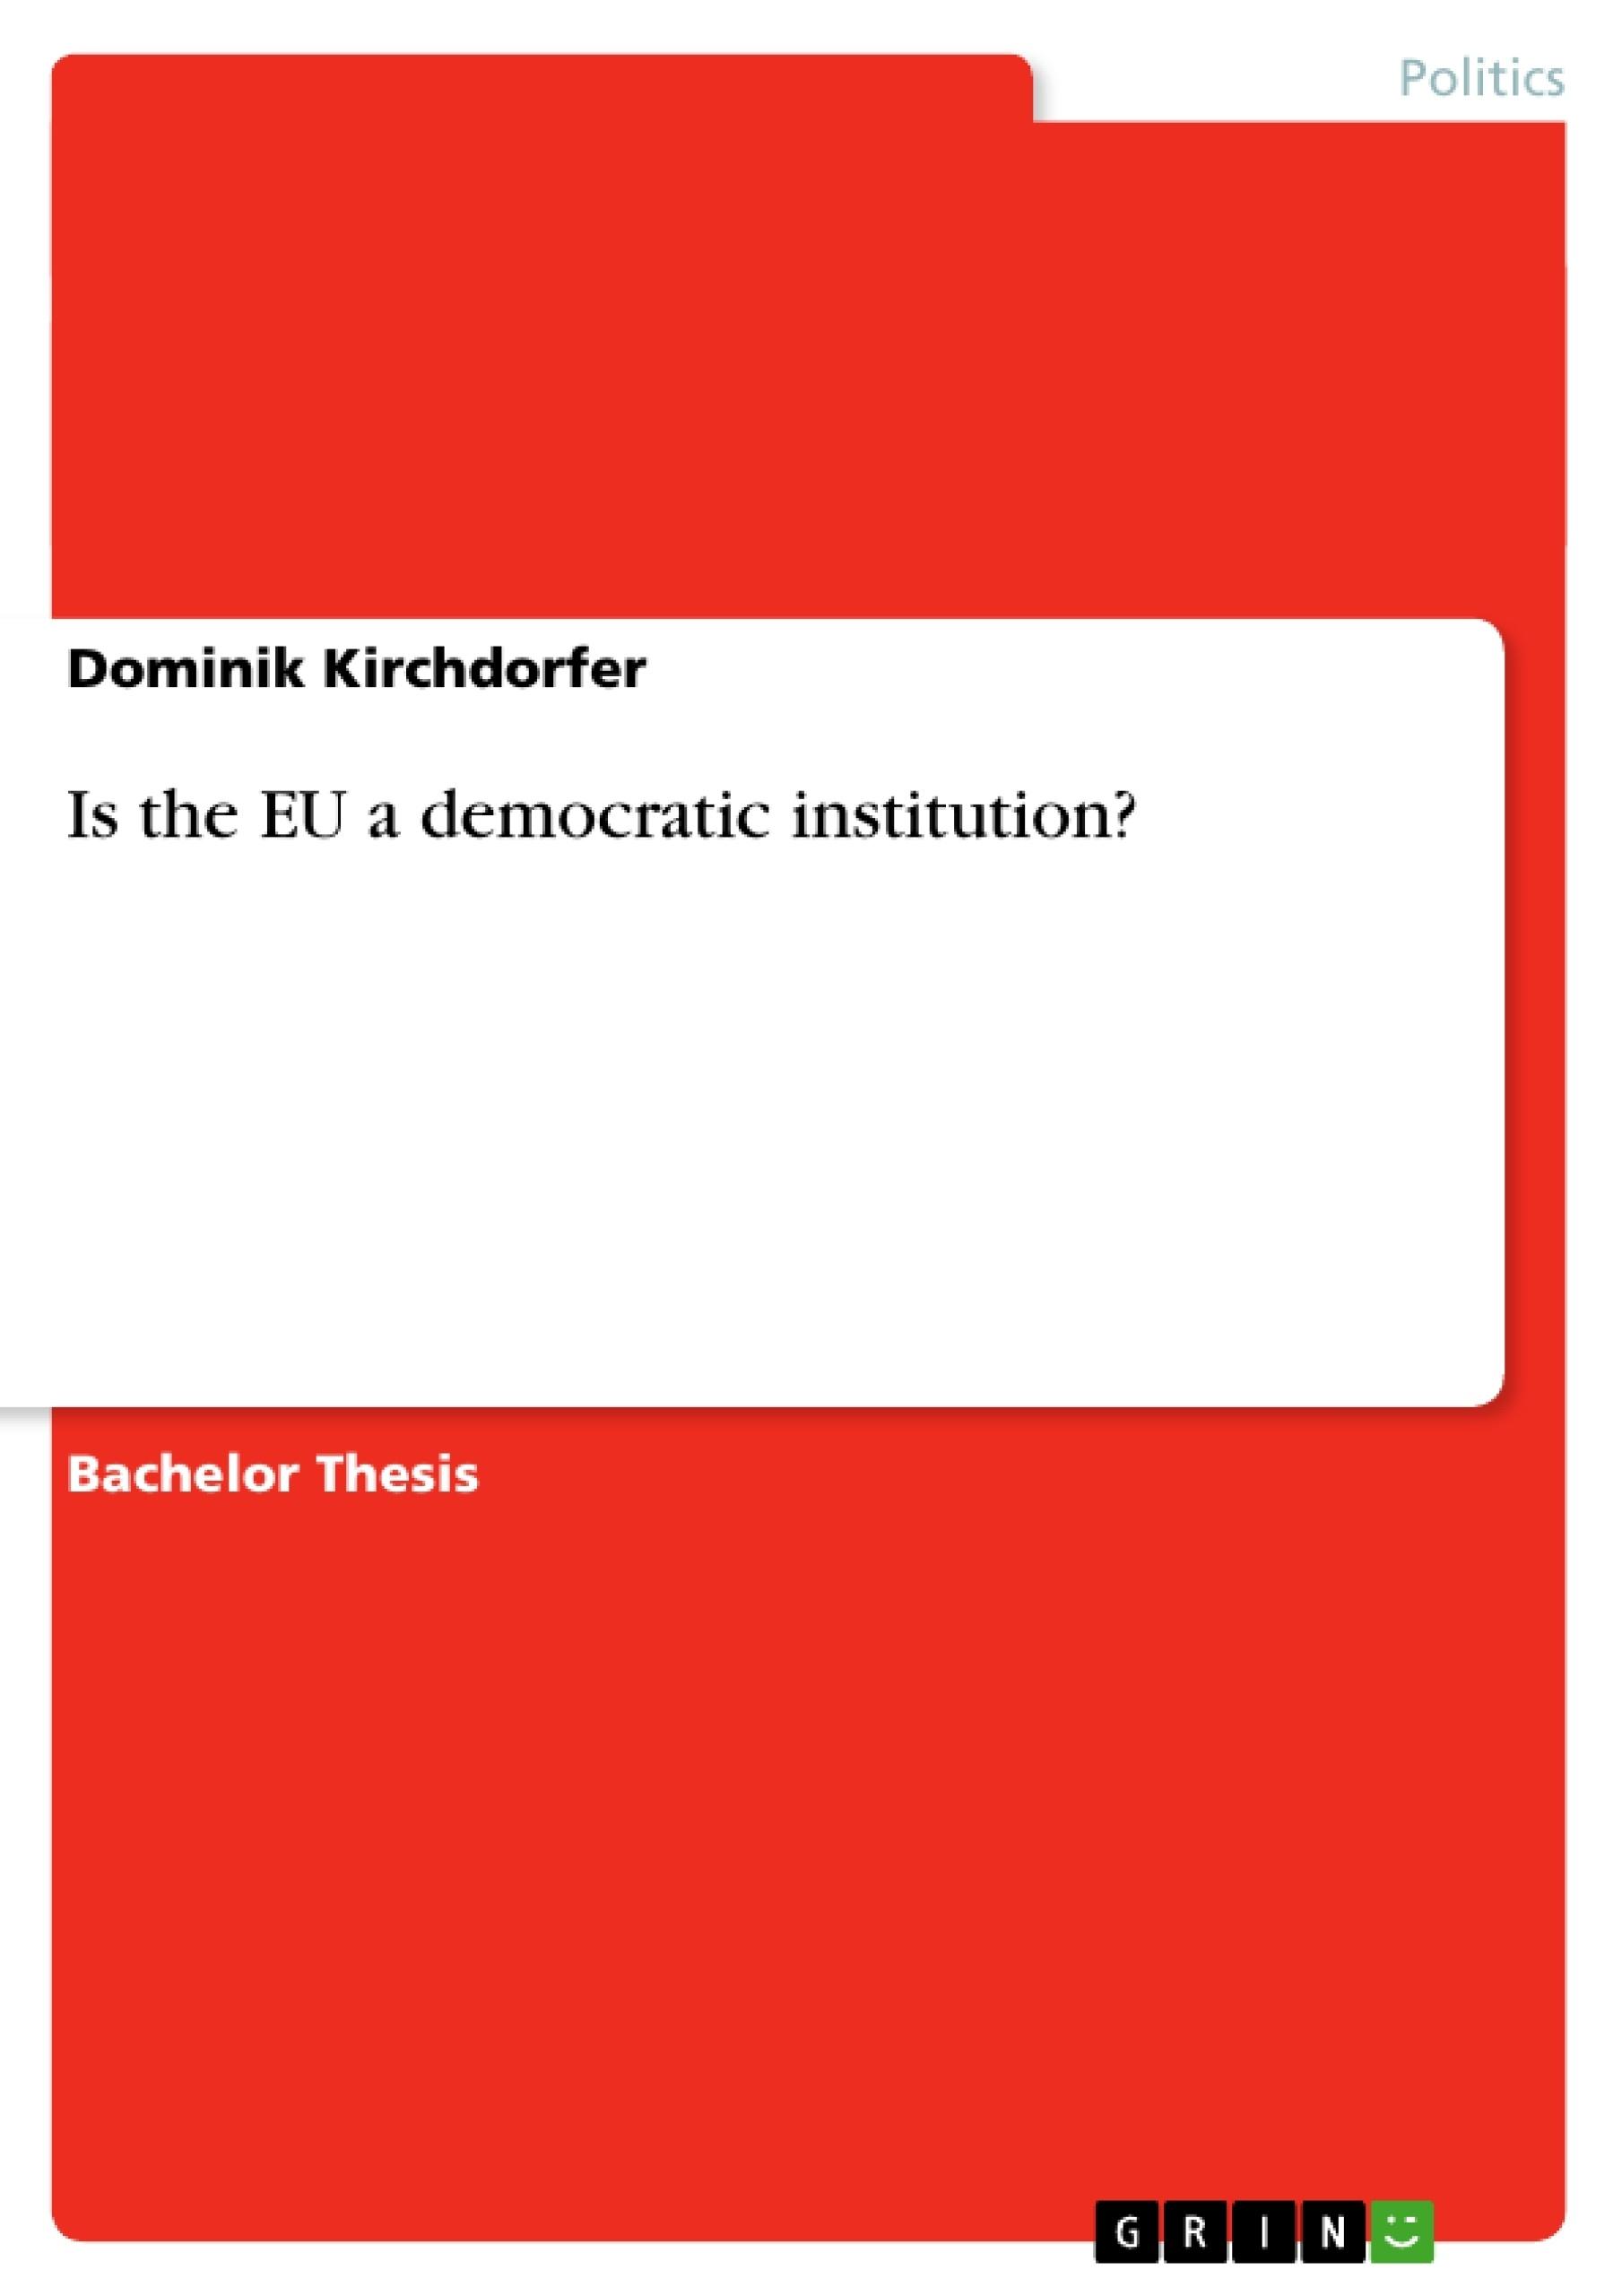 Dissertation beispiel pdf